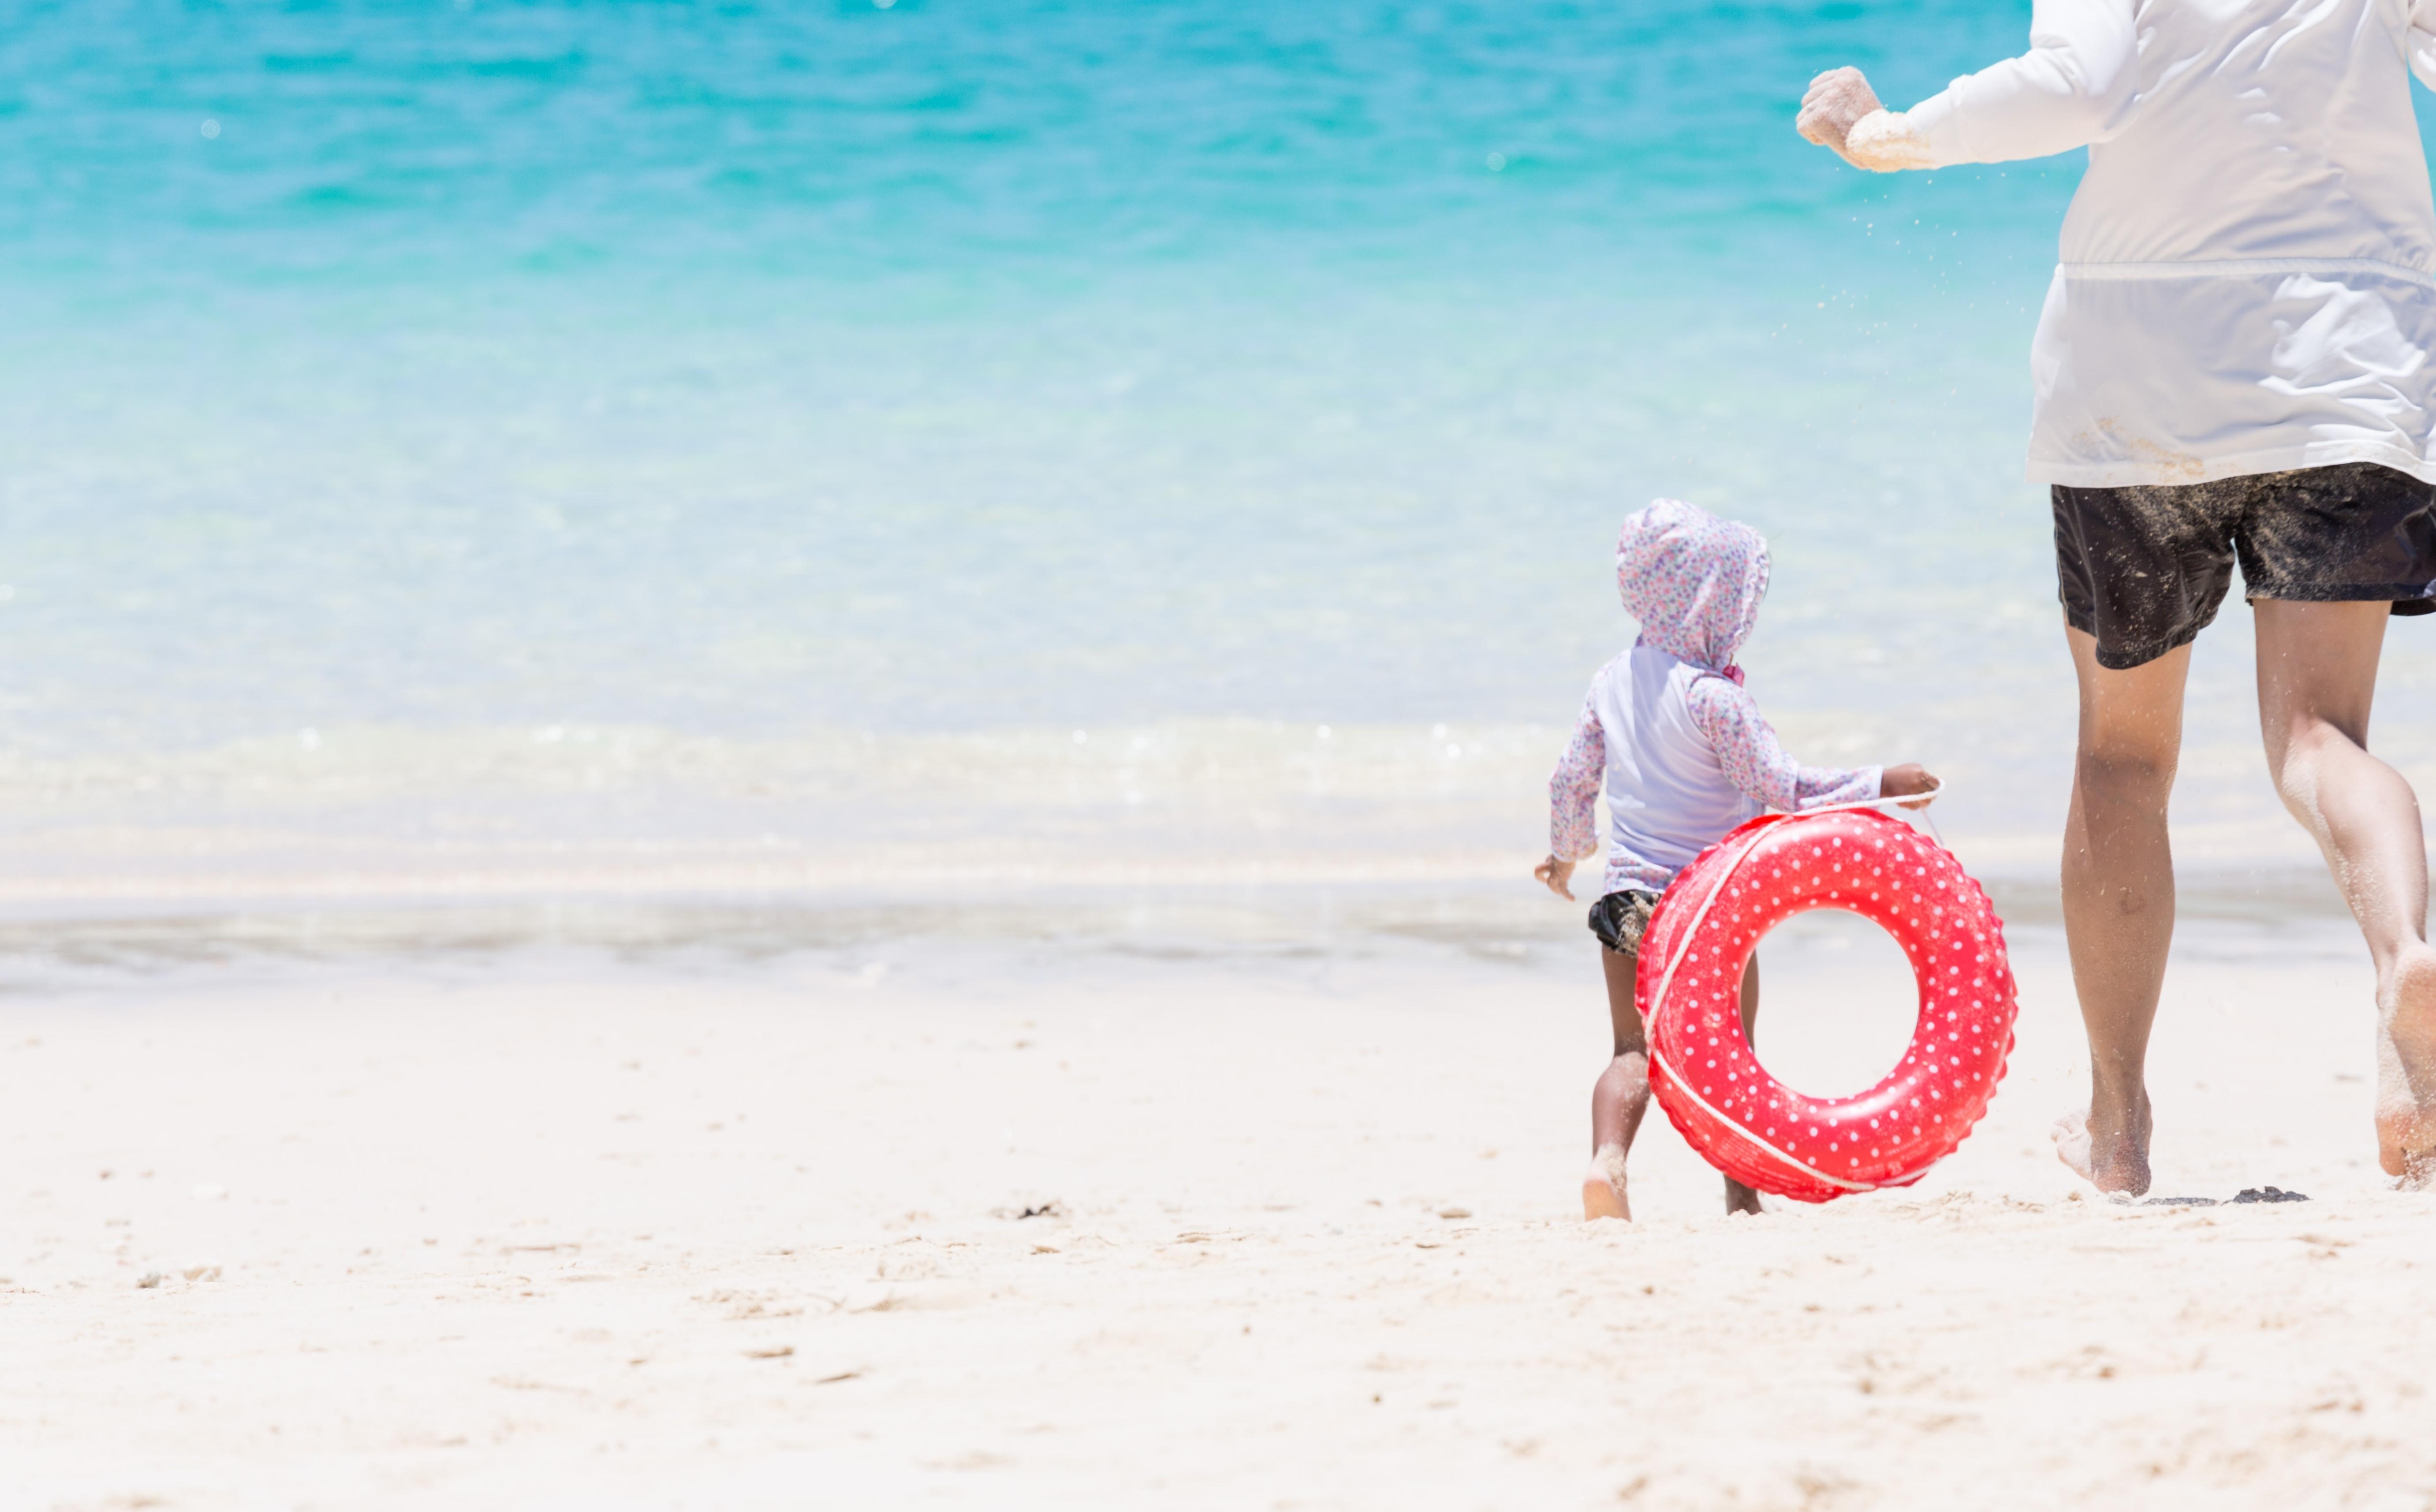 子どもの旅行適齢期比較!子連れの旅行は何歳がベスト?